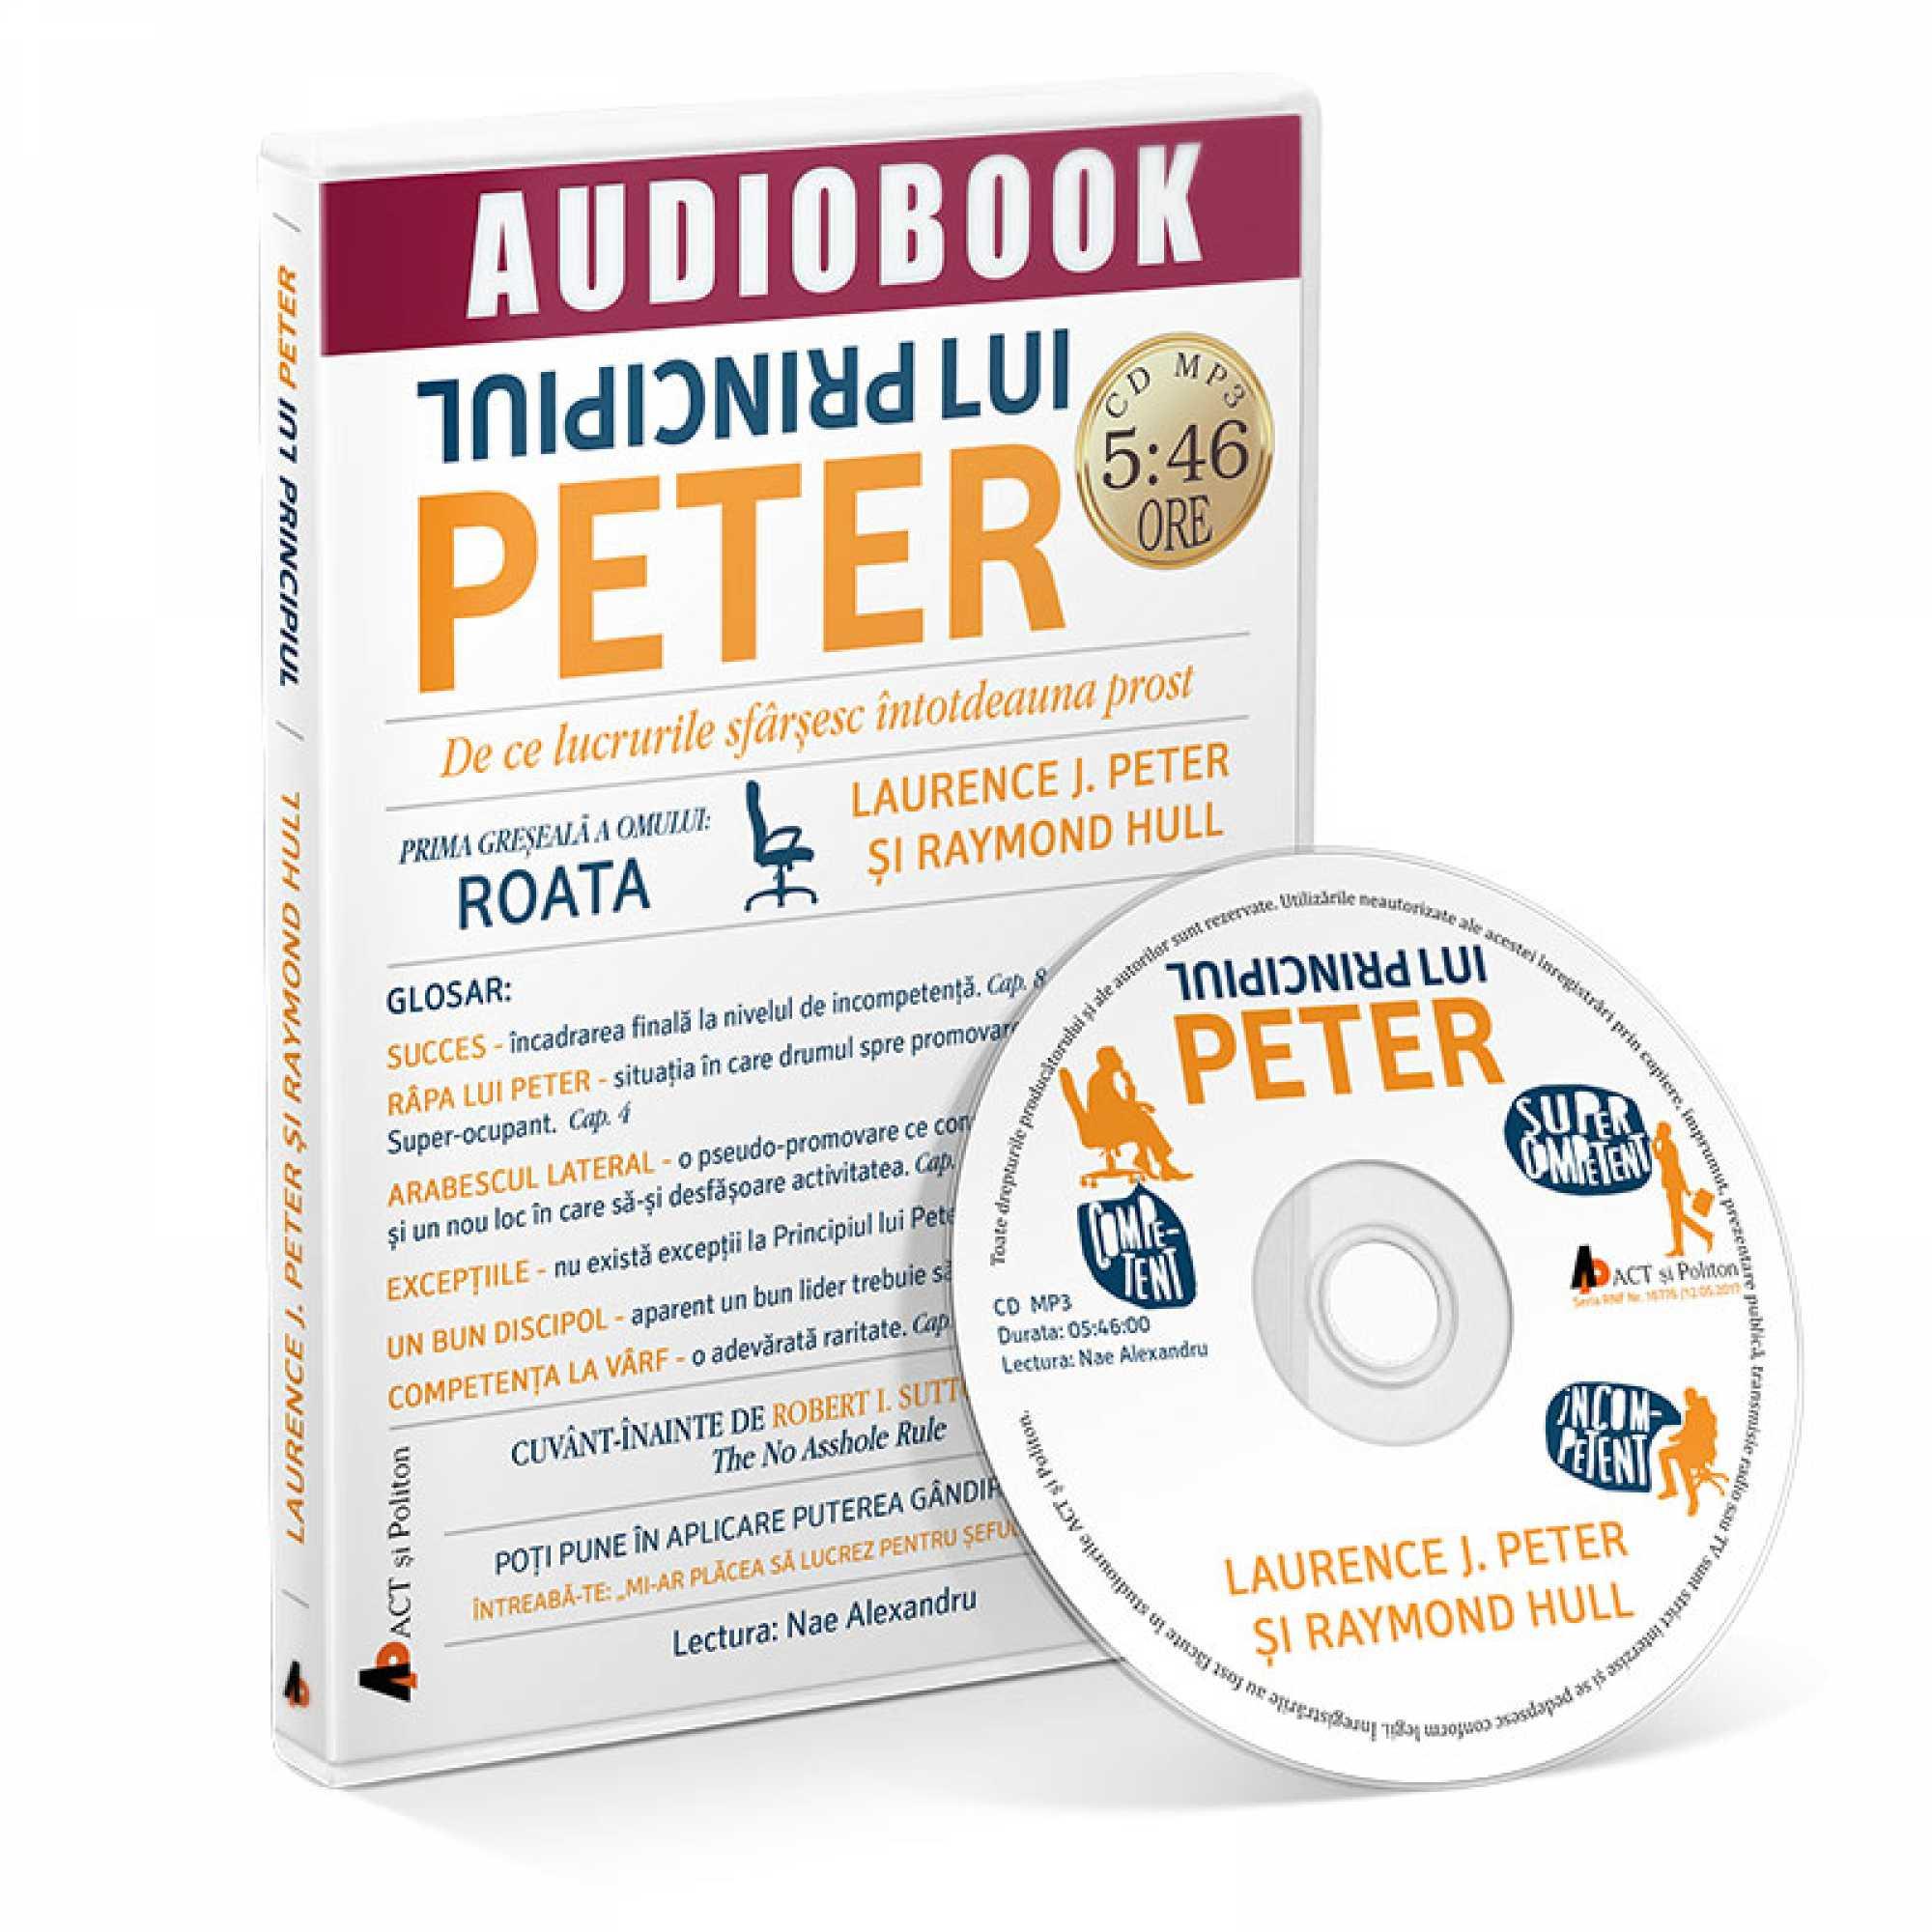 Principiul lui Peter. De ce lucrurile sfarsesc intotdeauna prost - Audiobook